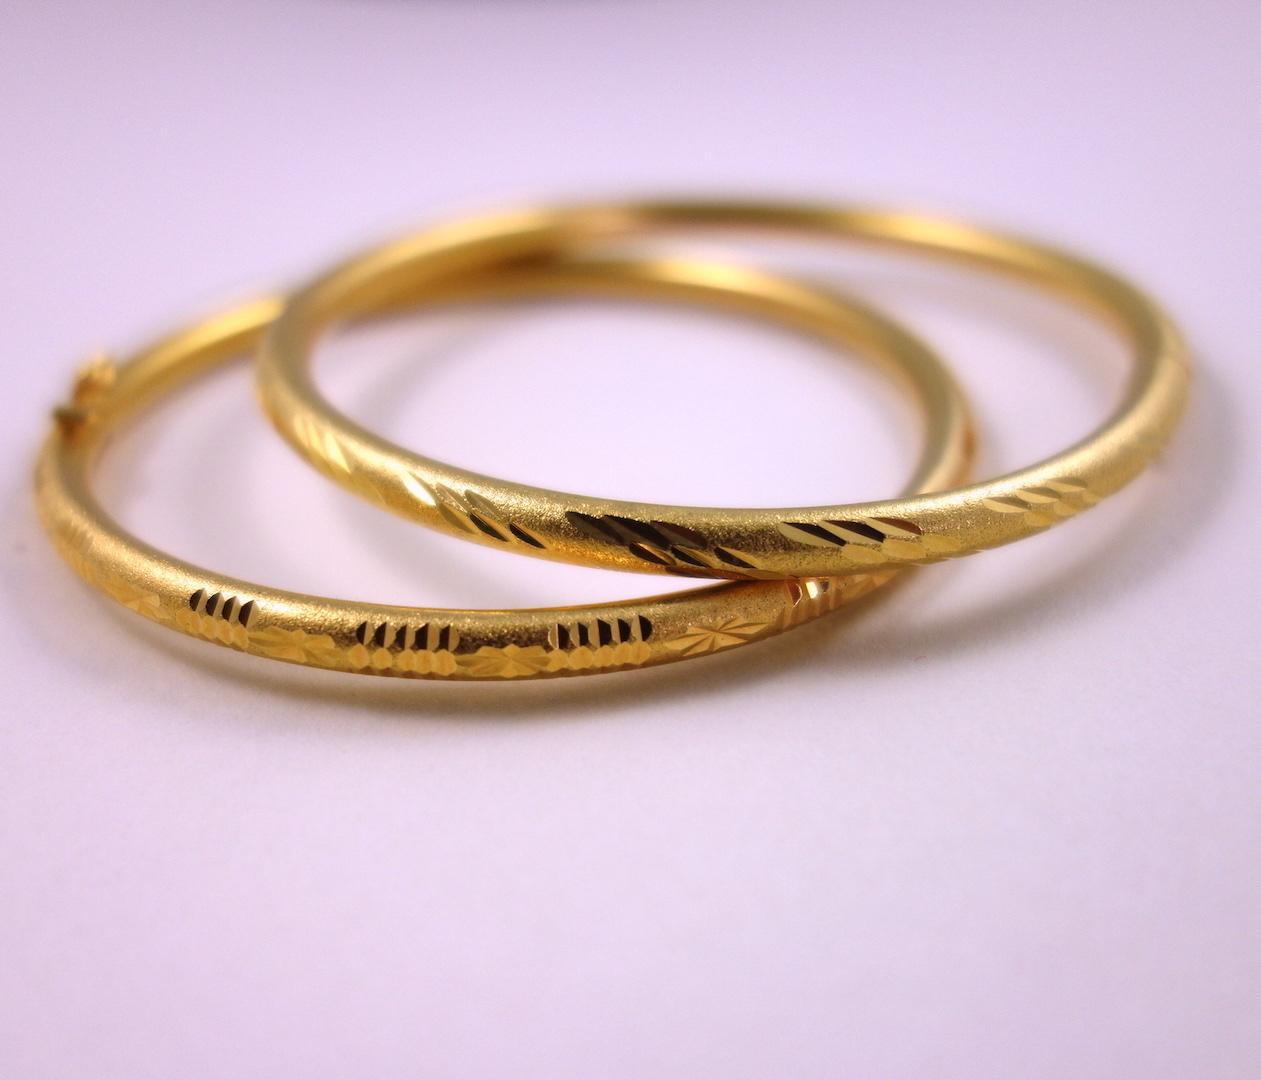 bracelet-jonc-oswa-or-plaque-ouvrage-martele-bijou-traditionnel-thailandais